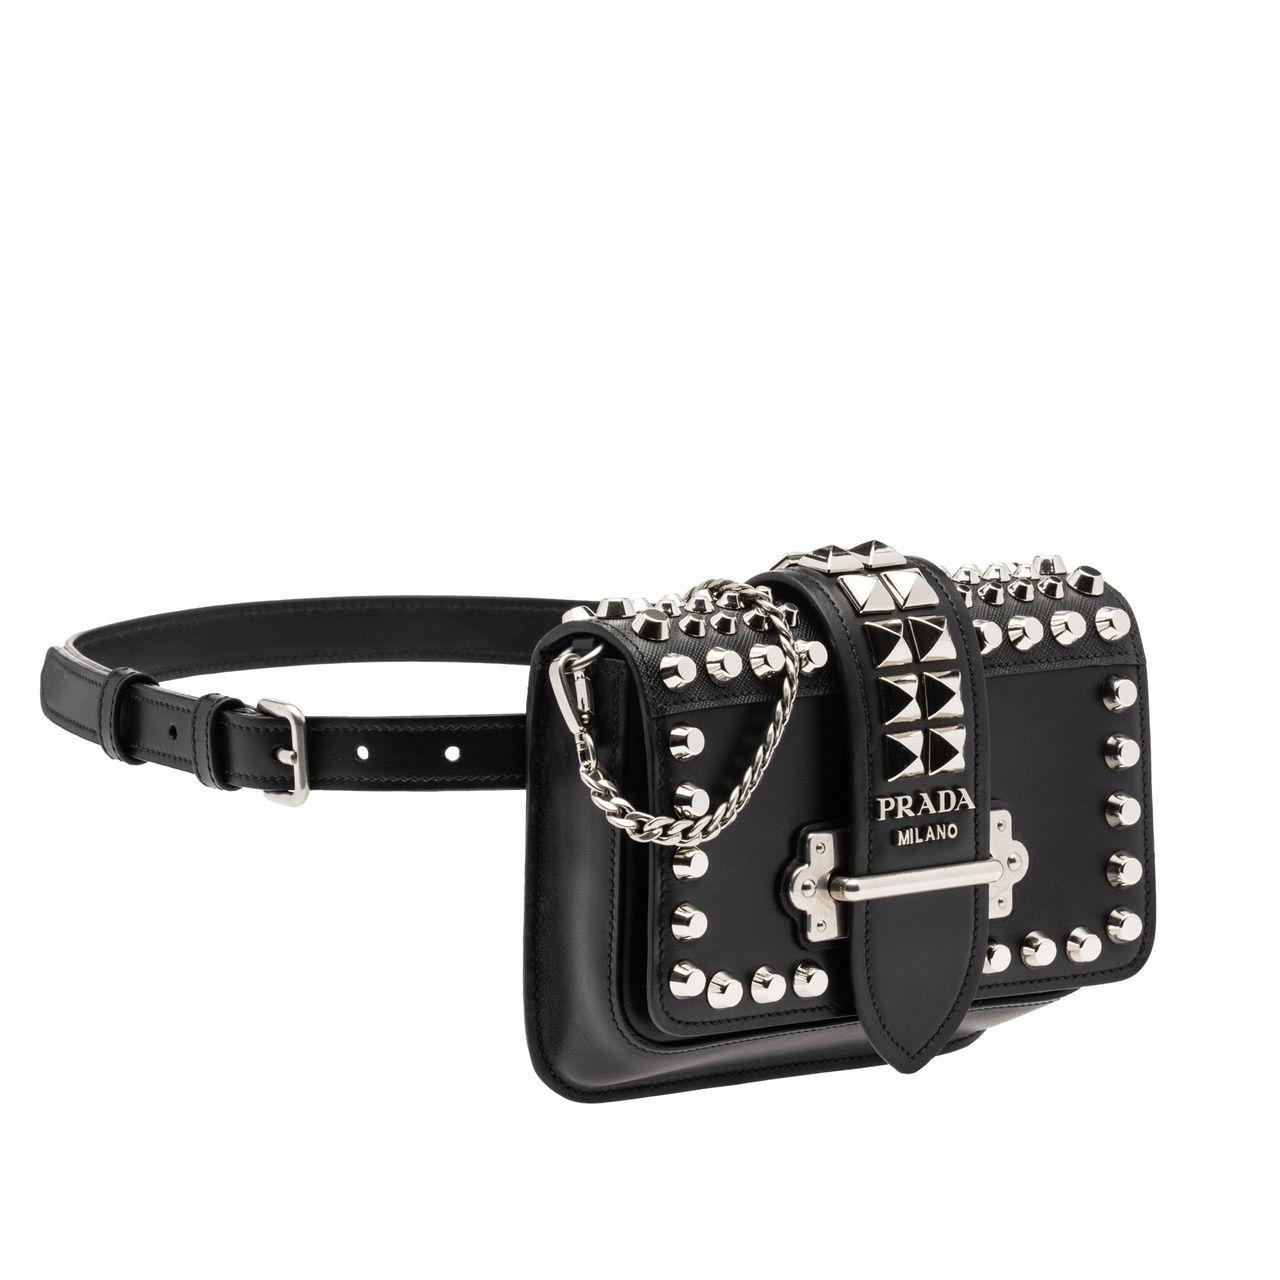 鉚釘裝飾Cahier金屬鍊帶腰包,60,000元。圖/PRADA提供